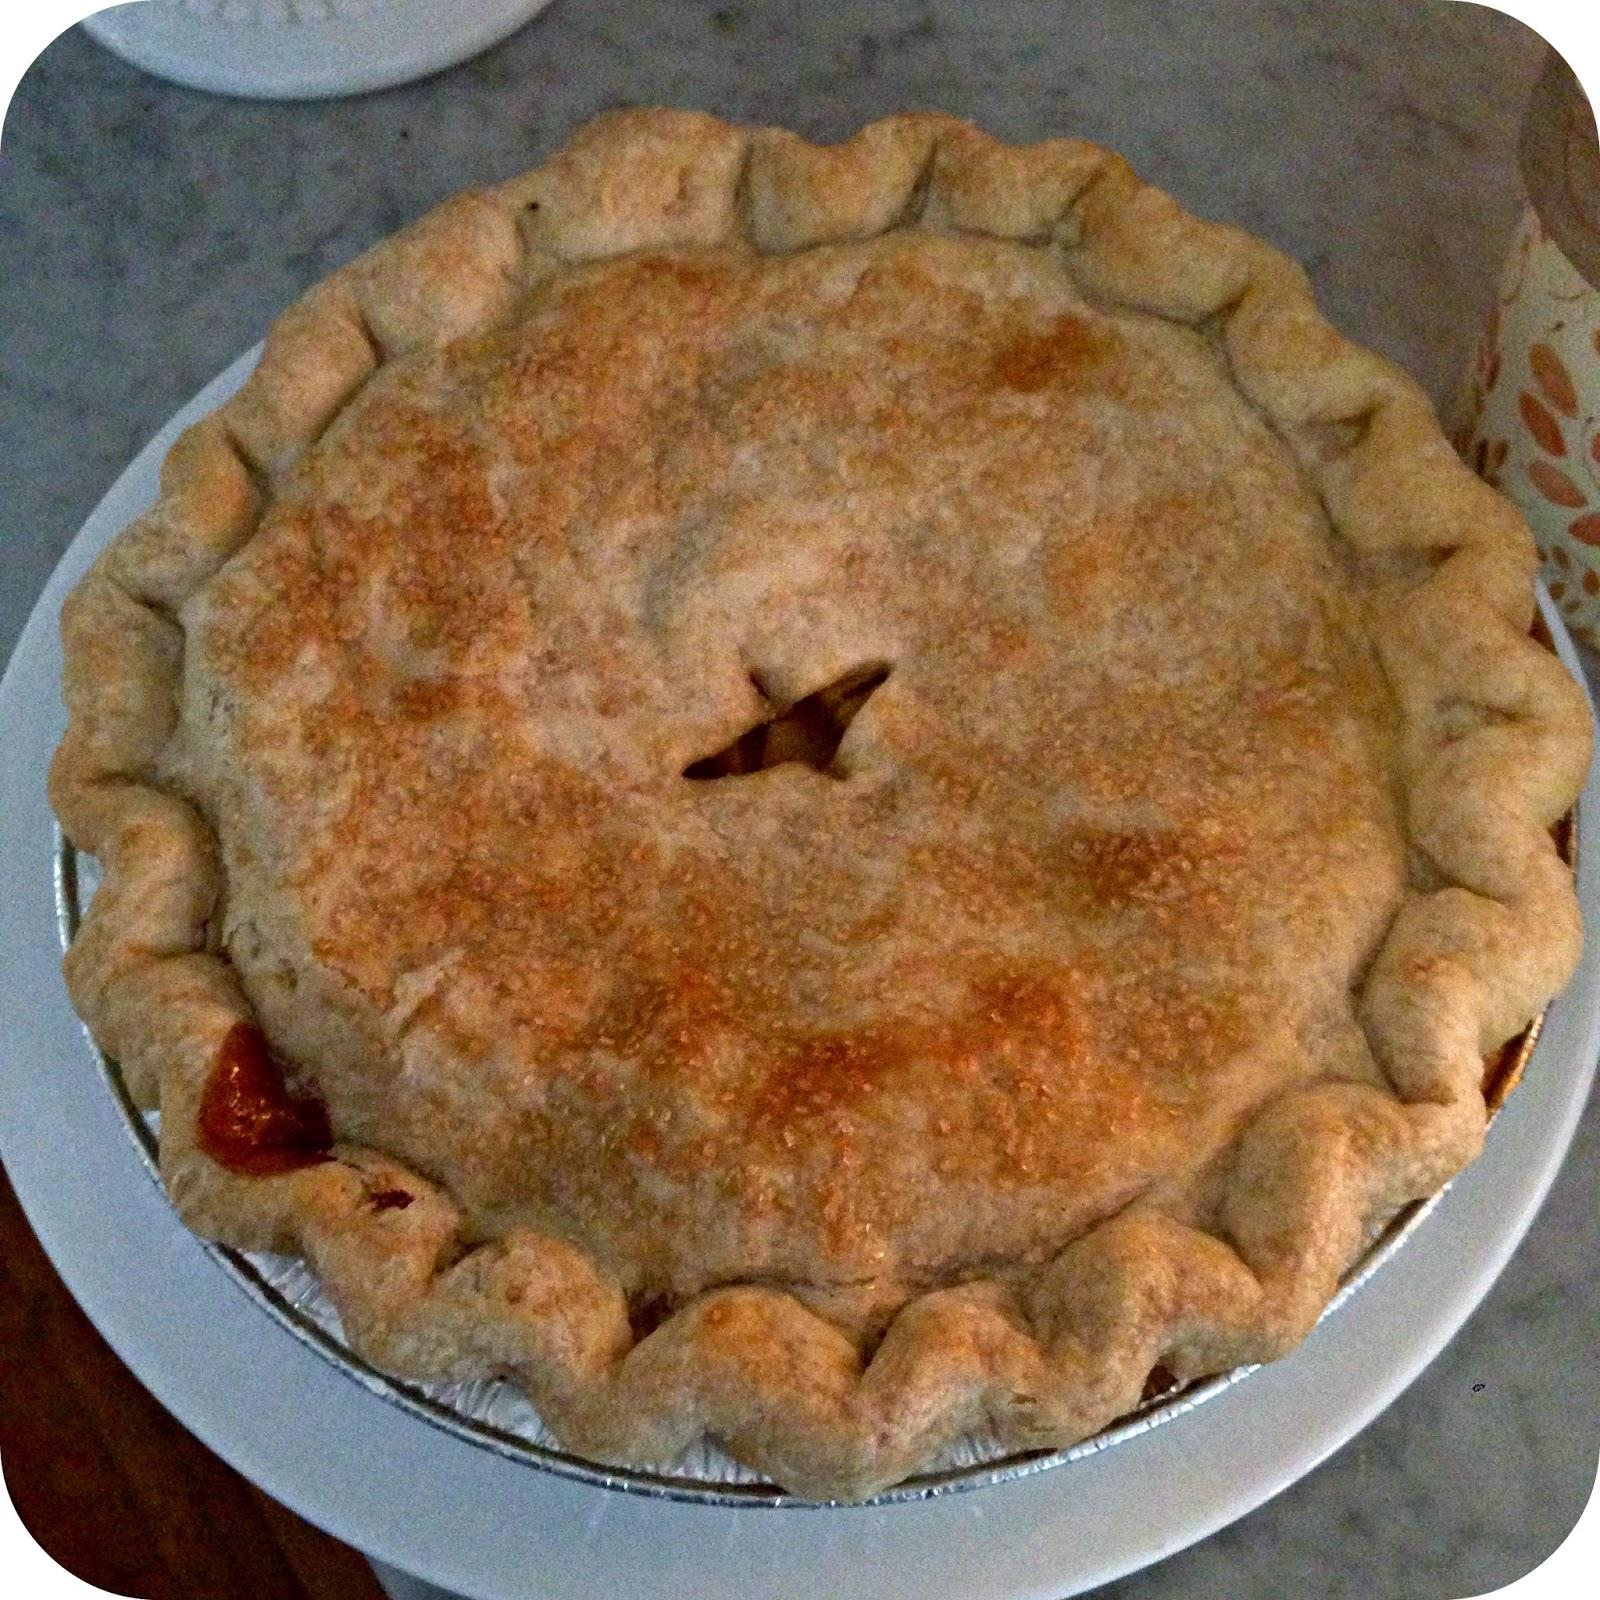 Apple Pie Leaking Dough Asheville's Apple Pie